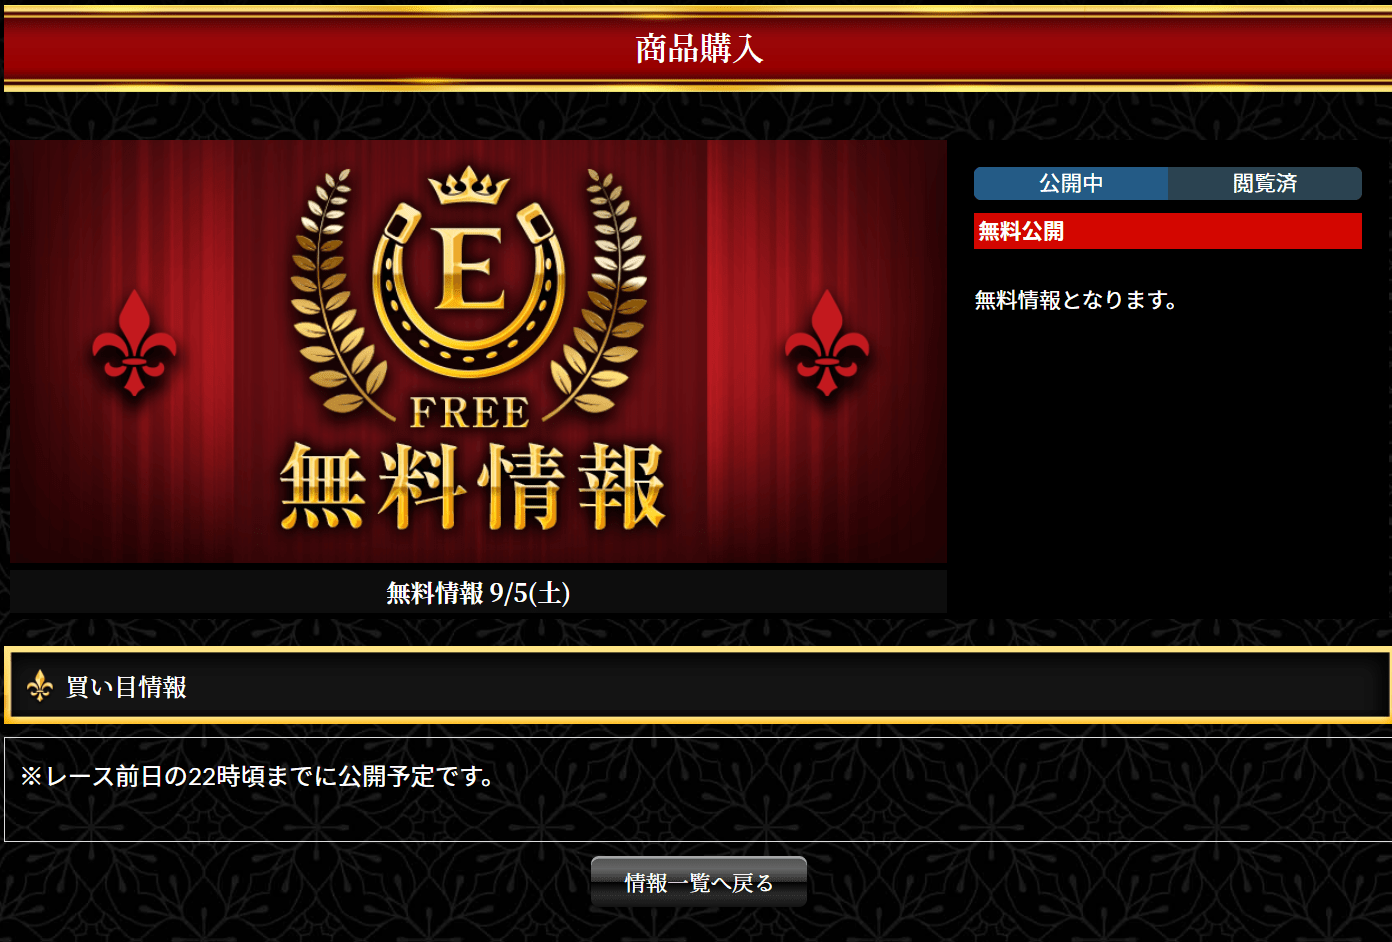 エキストラ_無料情報